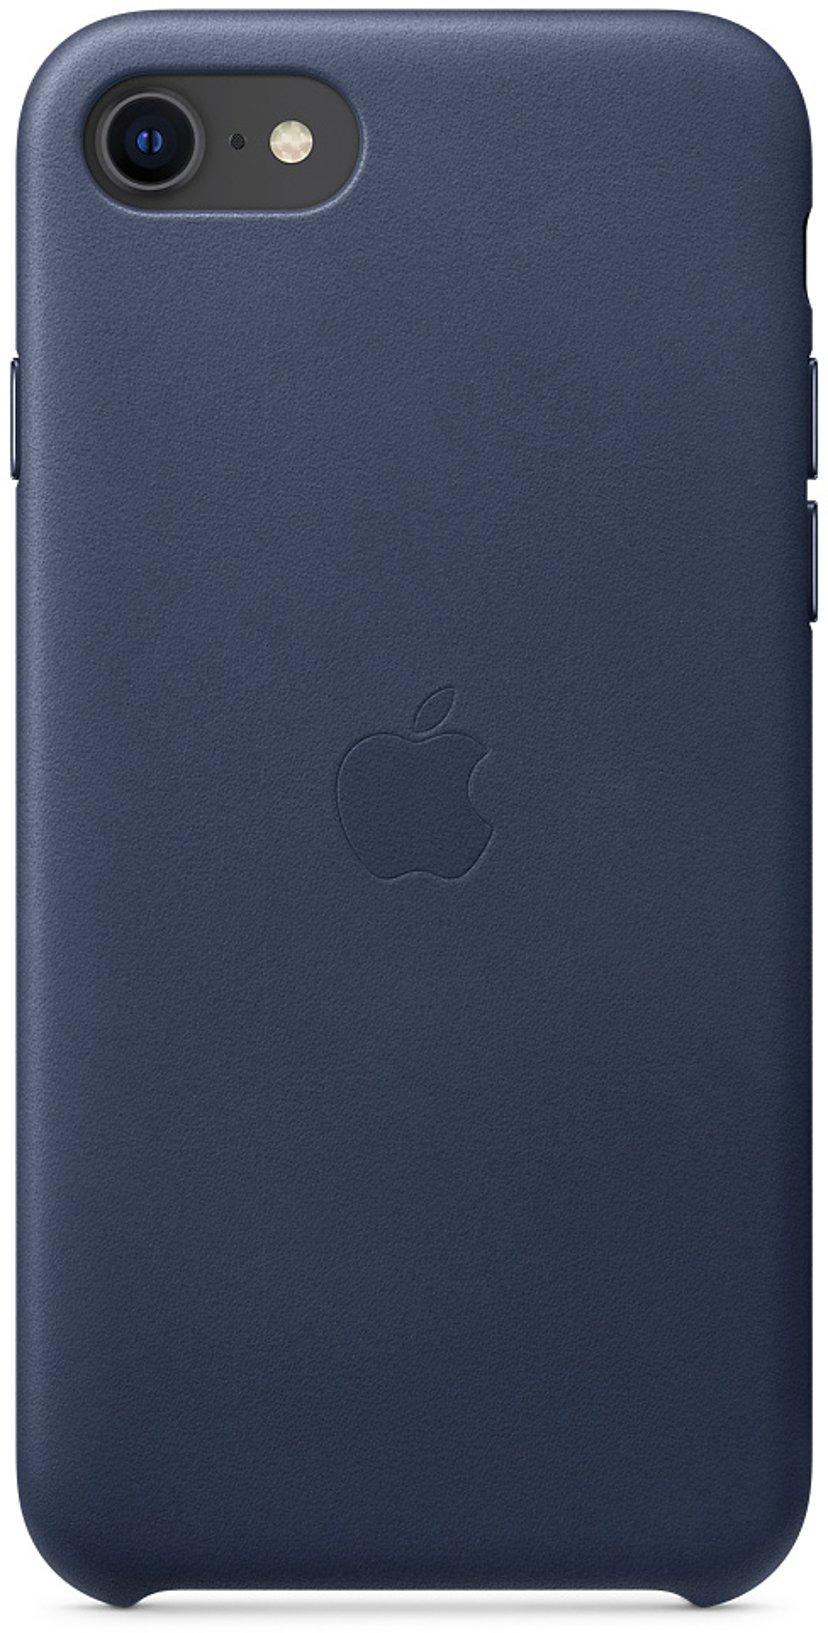 Apple Back cover til mobiltelefon iPhone SE (2020) Midnatsblå